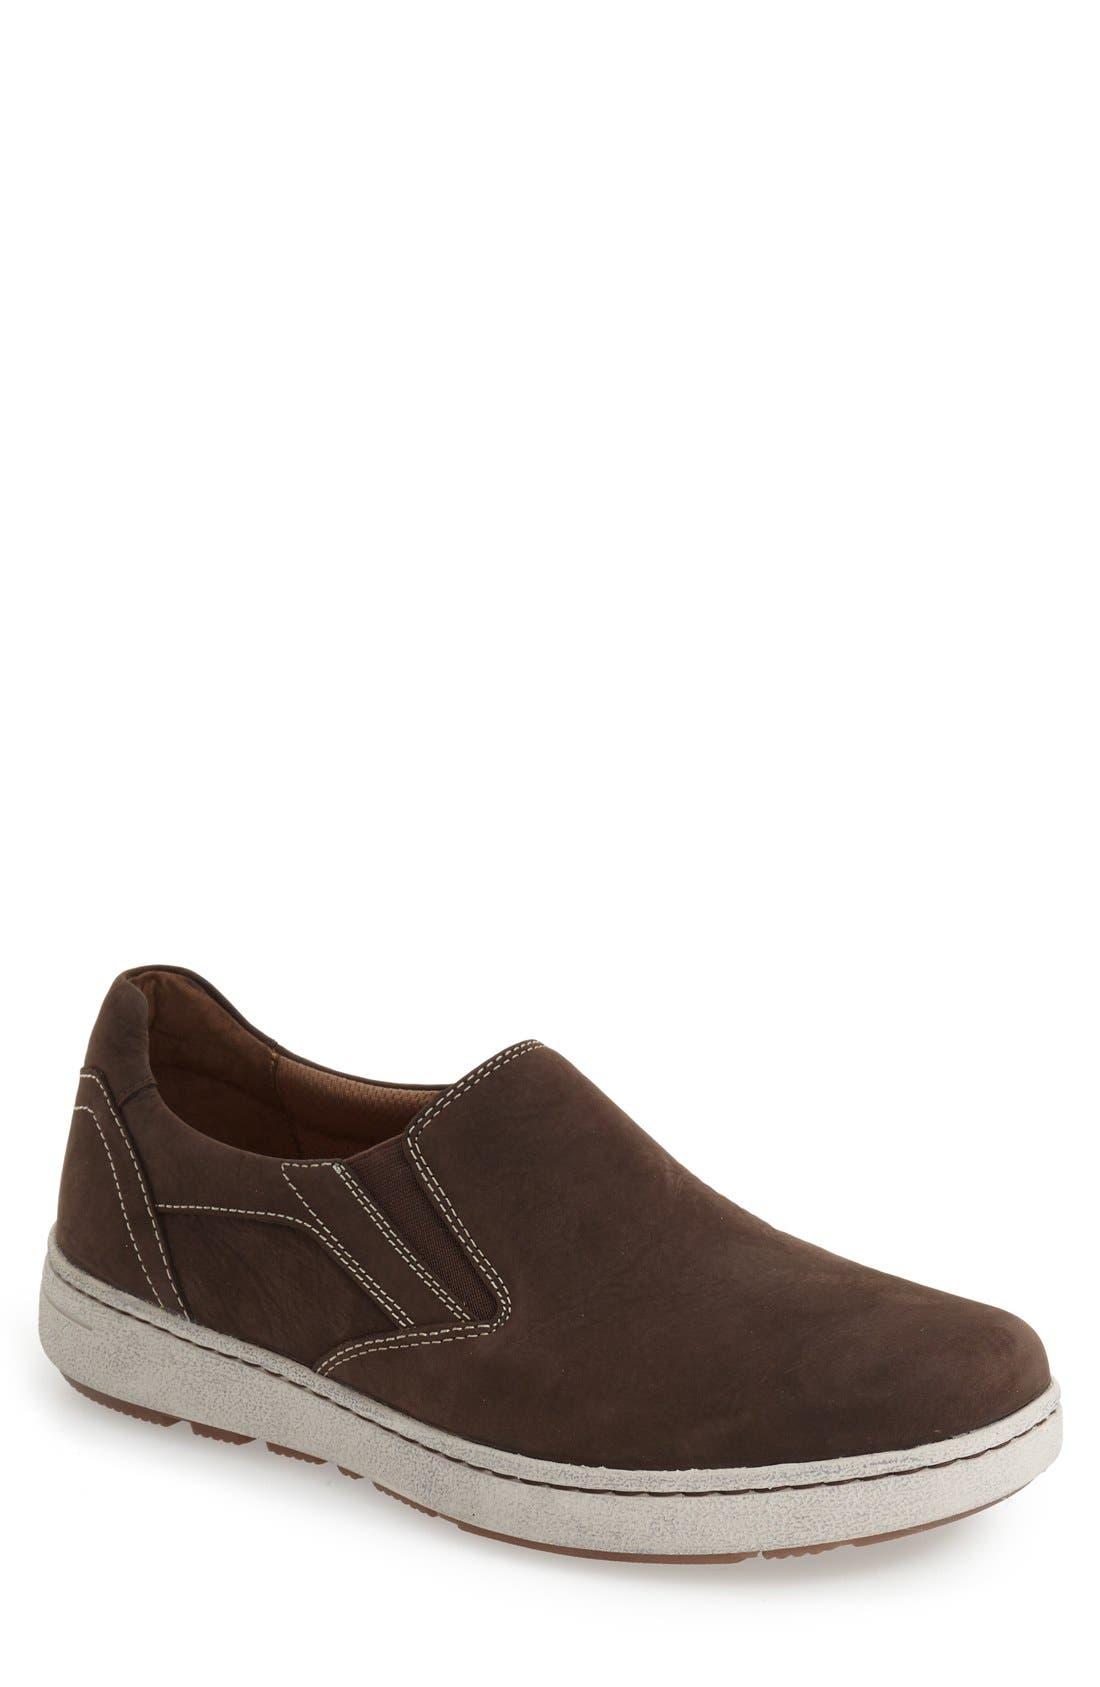 Dansko 'Viktor' Water Resistant Slip-On Sneaker (Men)